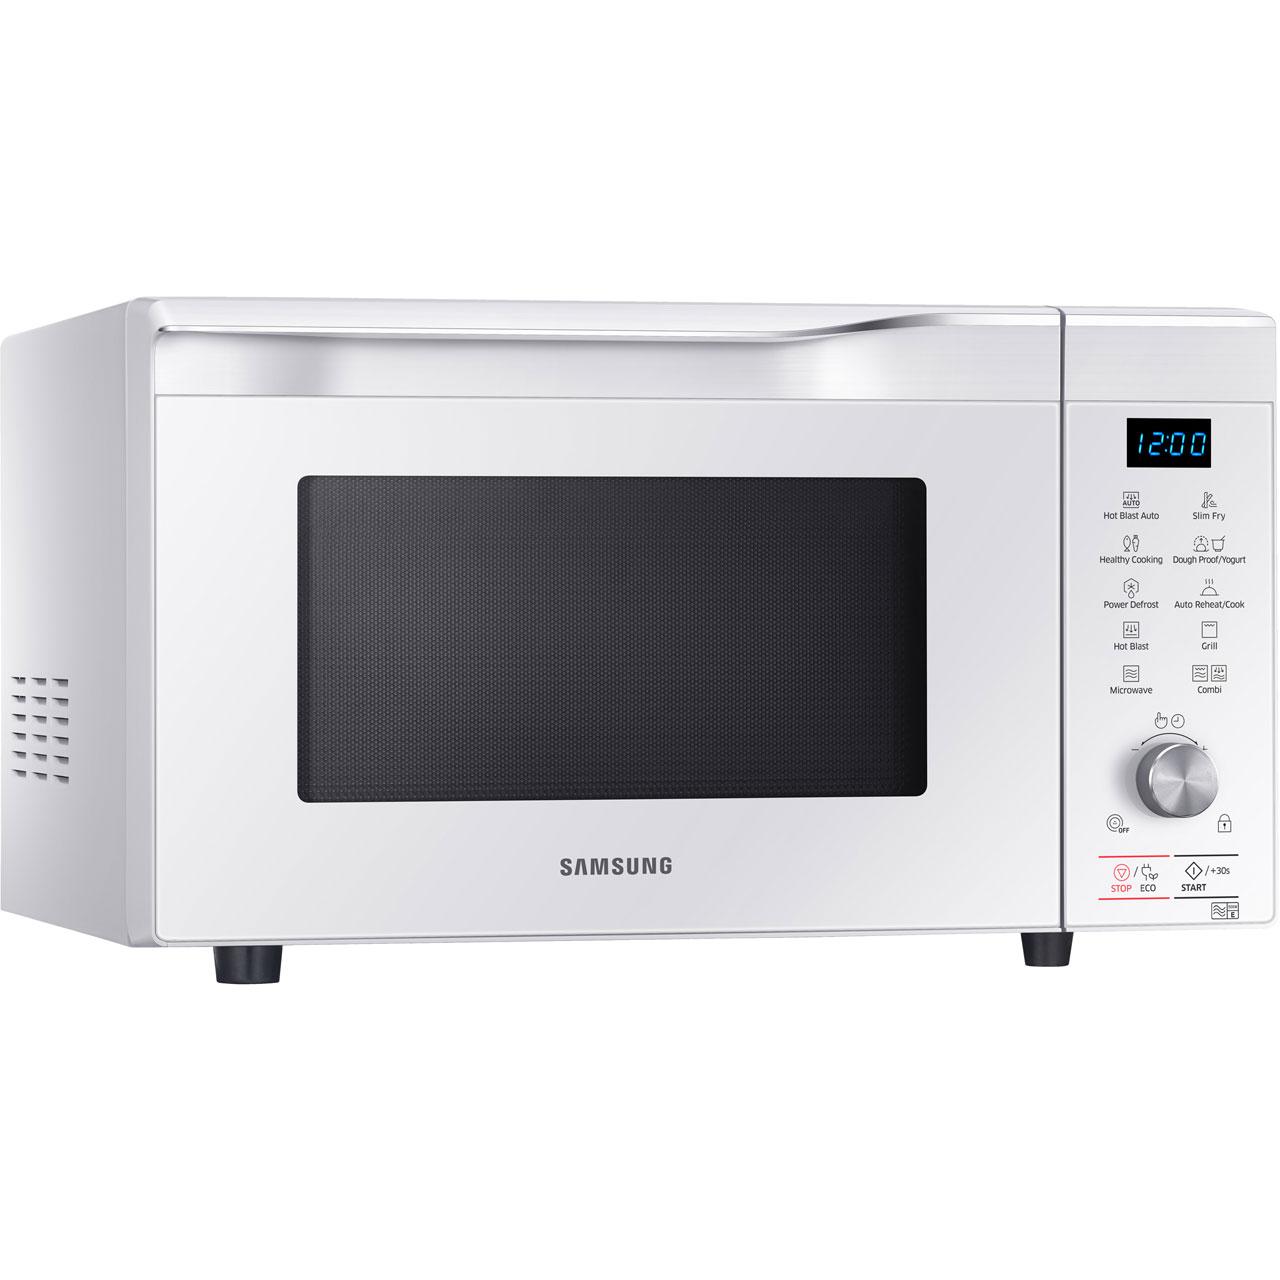 Hotblast Combi Microwave Oven